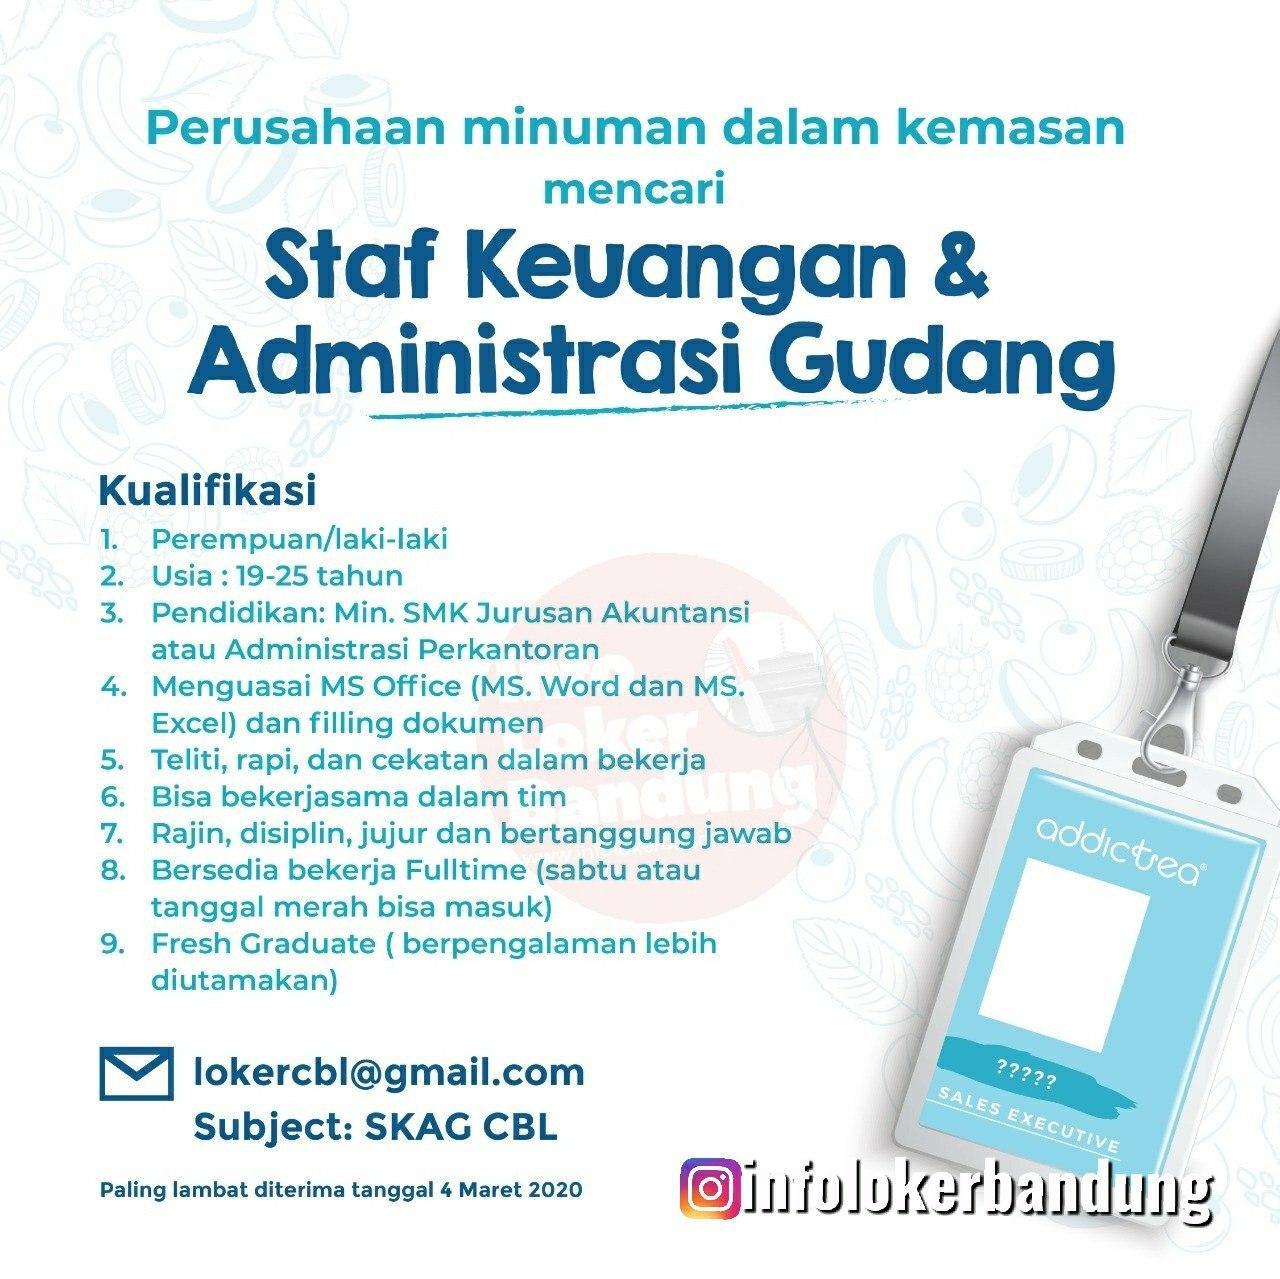 Lowongan Kerja Staf Keuangan & Administrasi Gudang Addictea Bandung Maret 2020